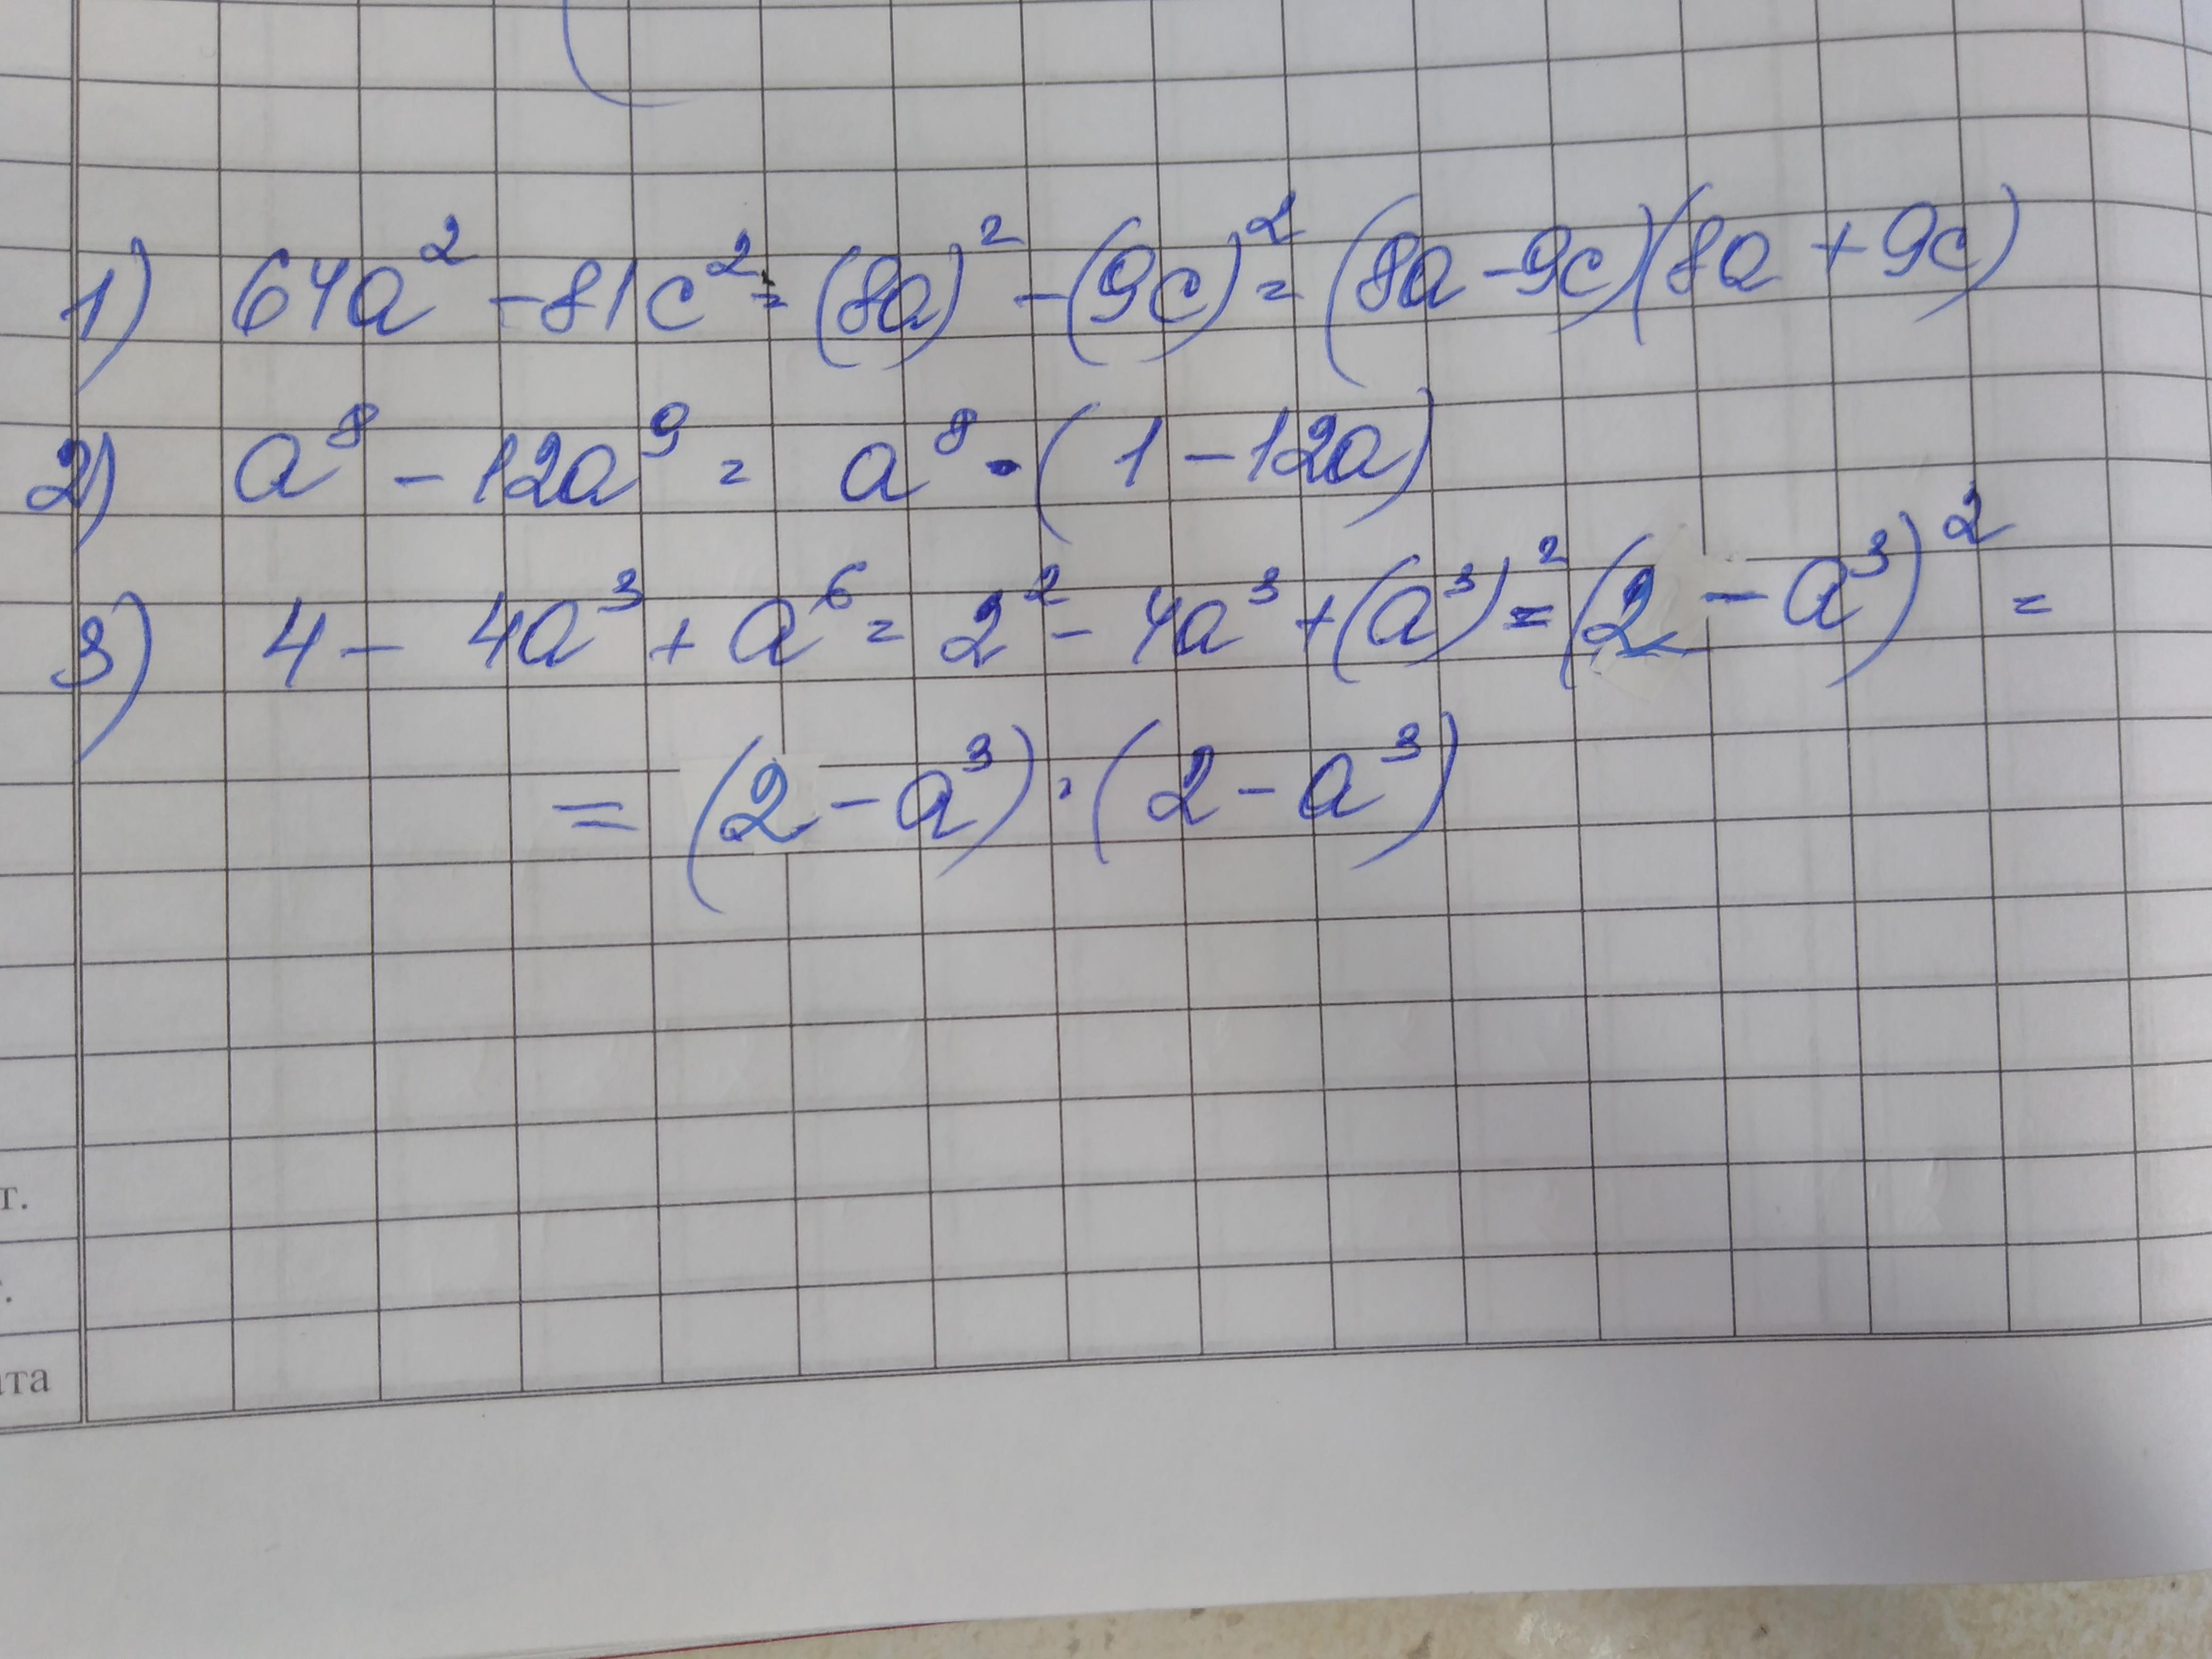 Разложить на множители : а) 64 а (во 2 степени) -